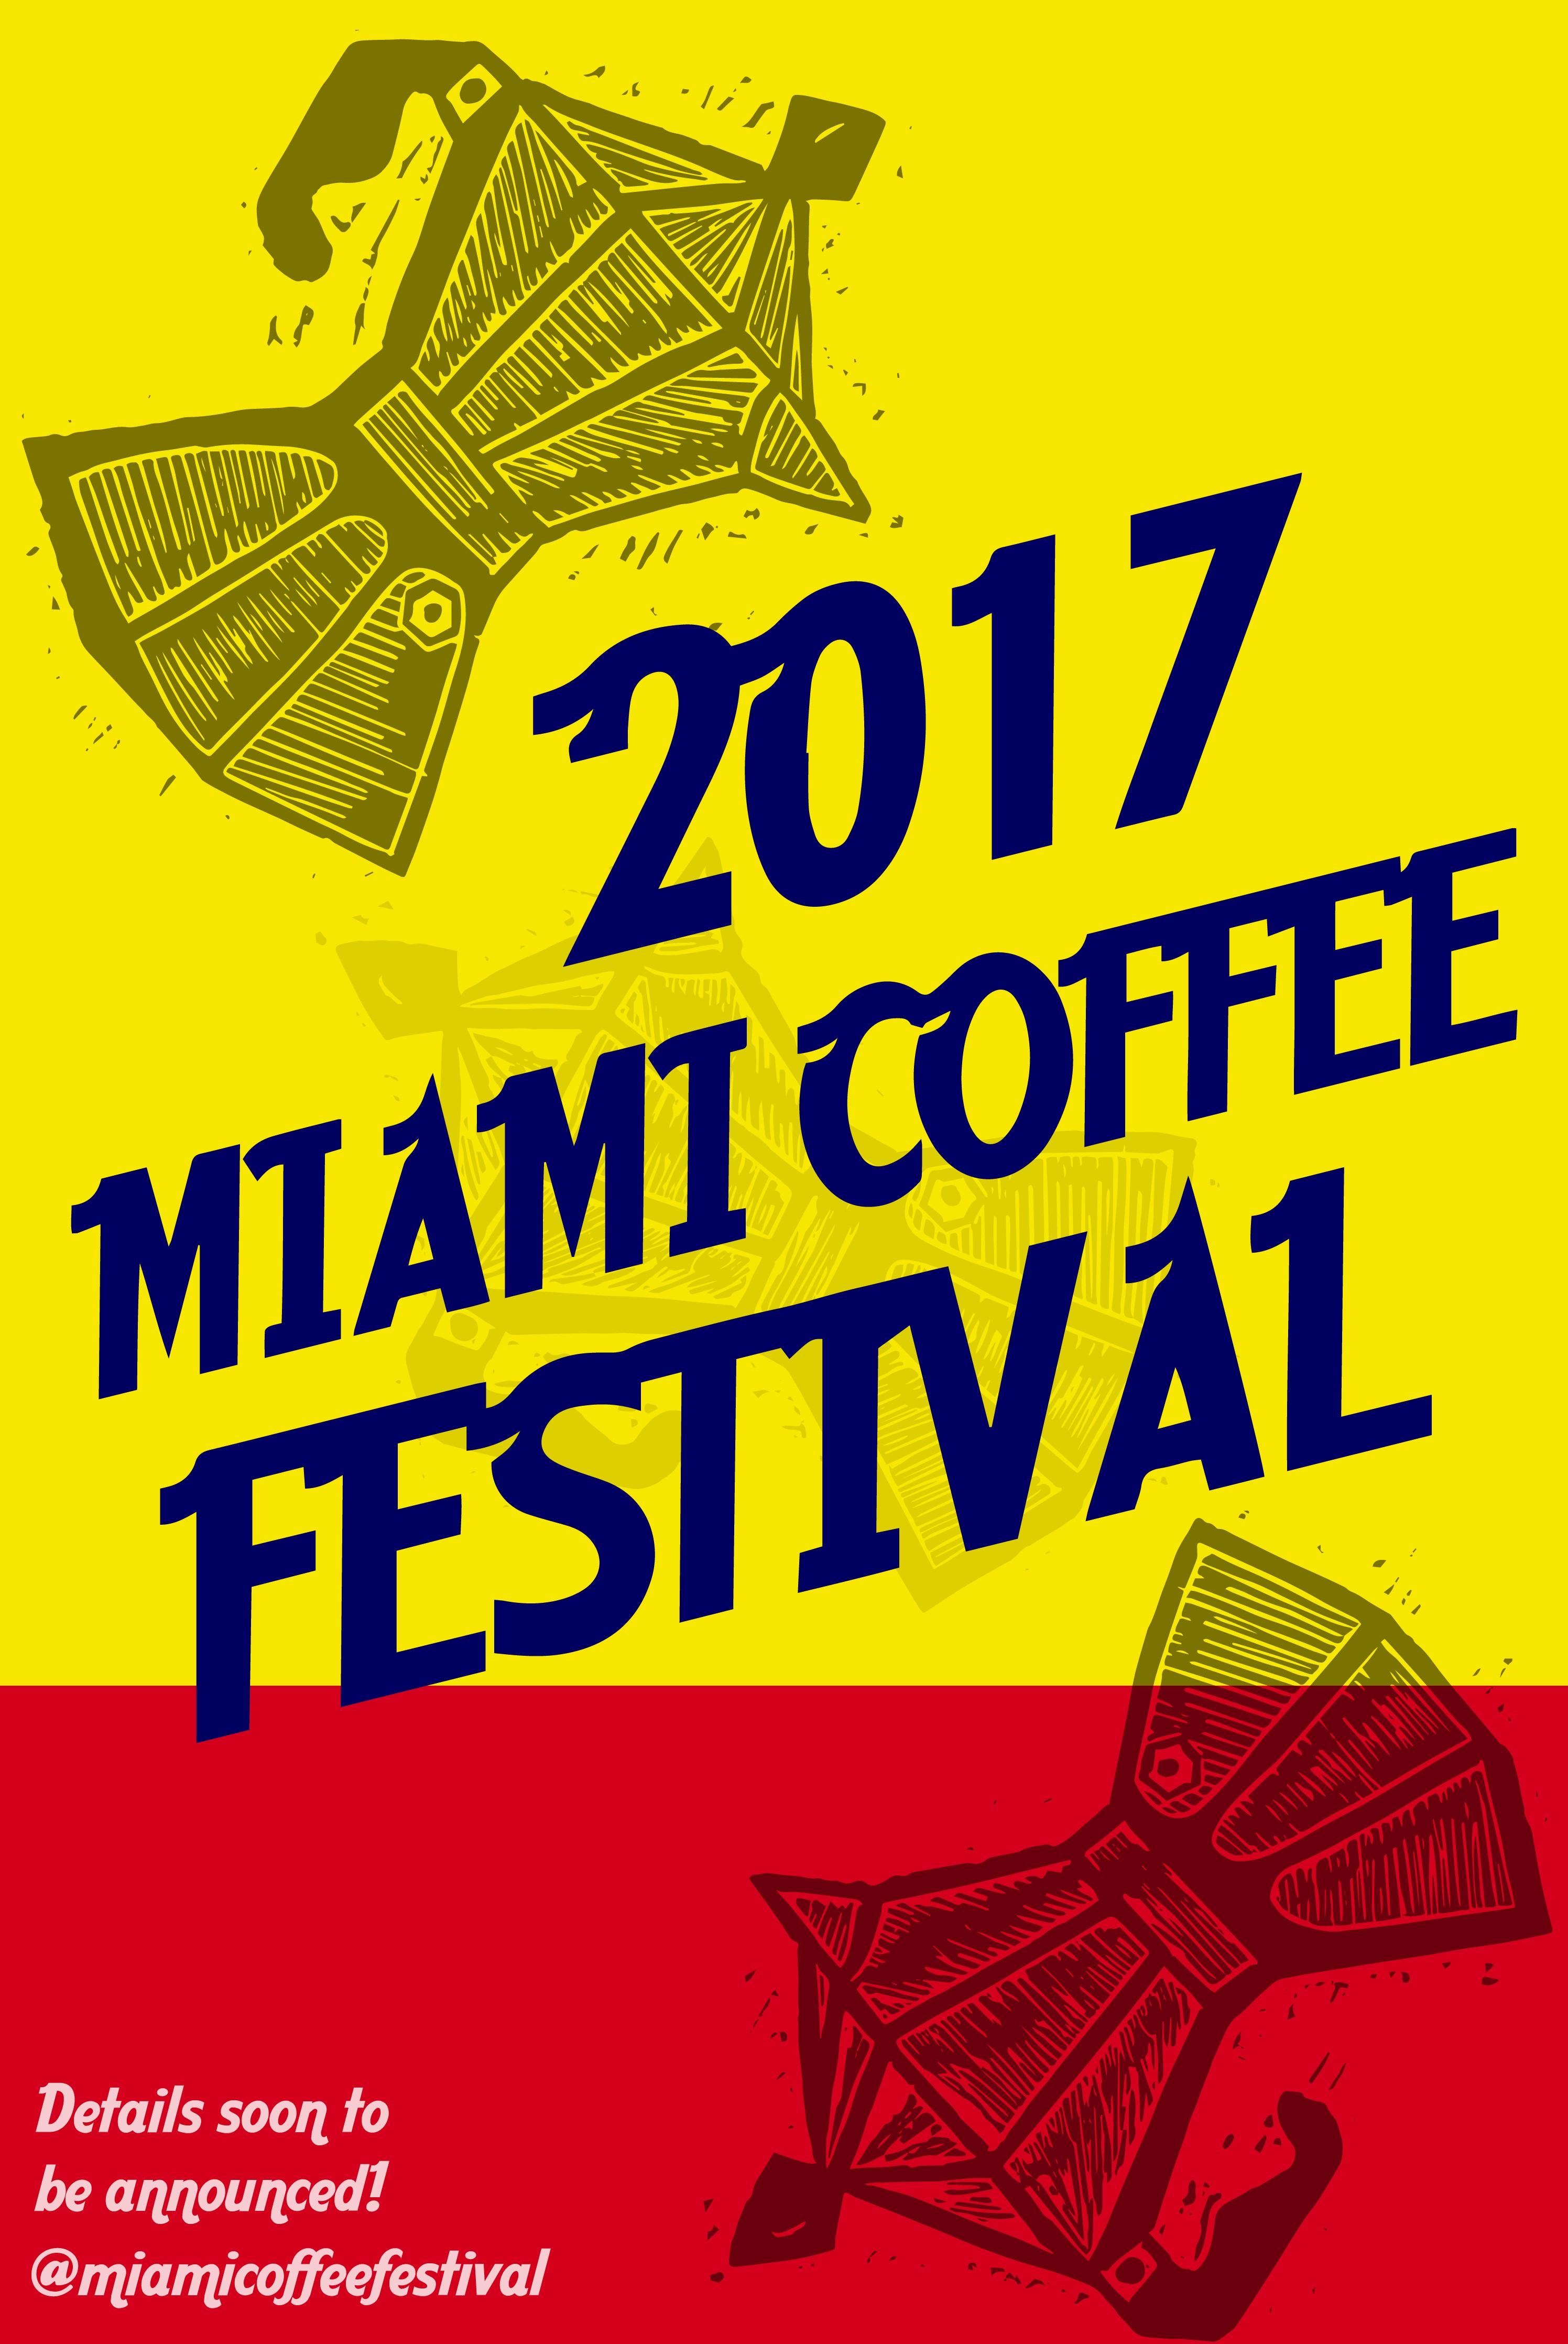 Poster- Miami Coffee Festival